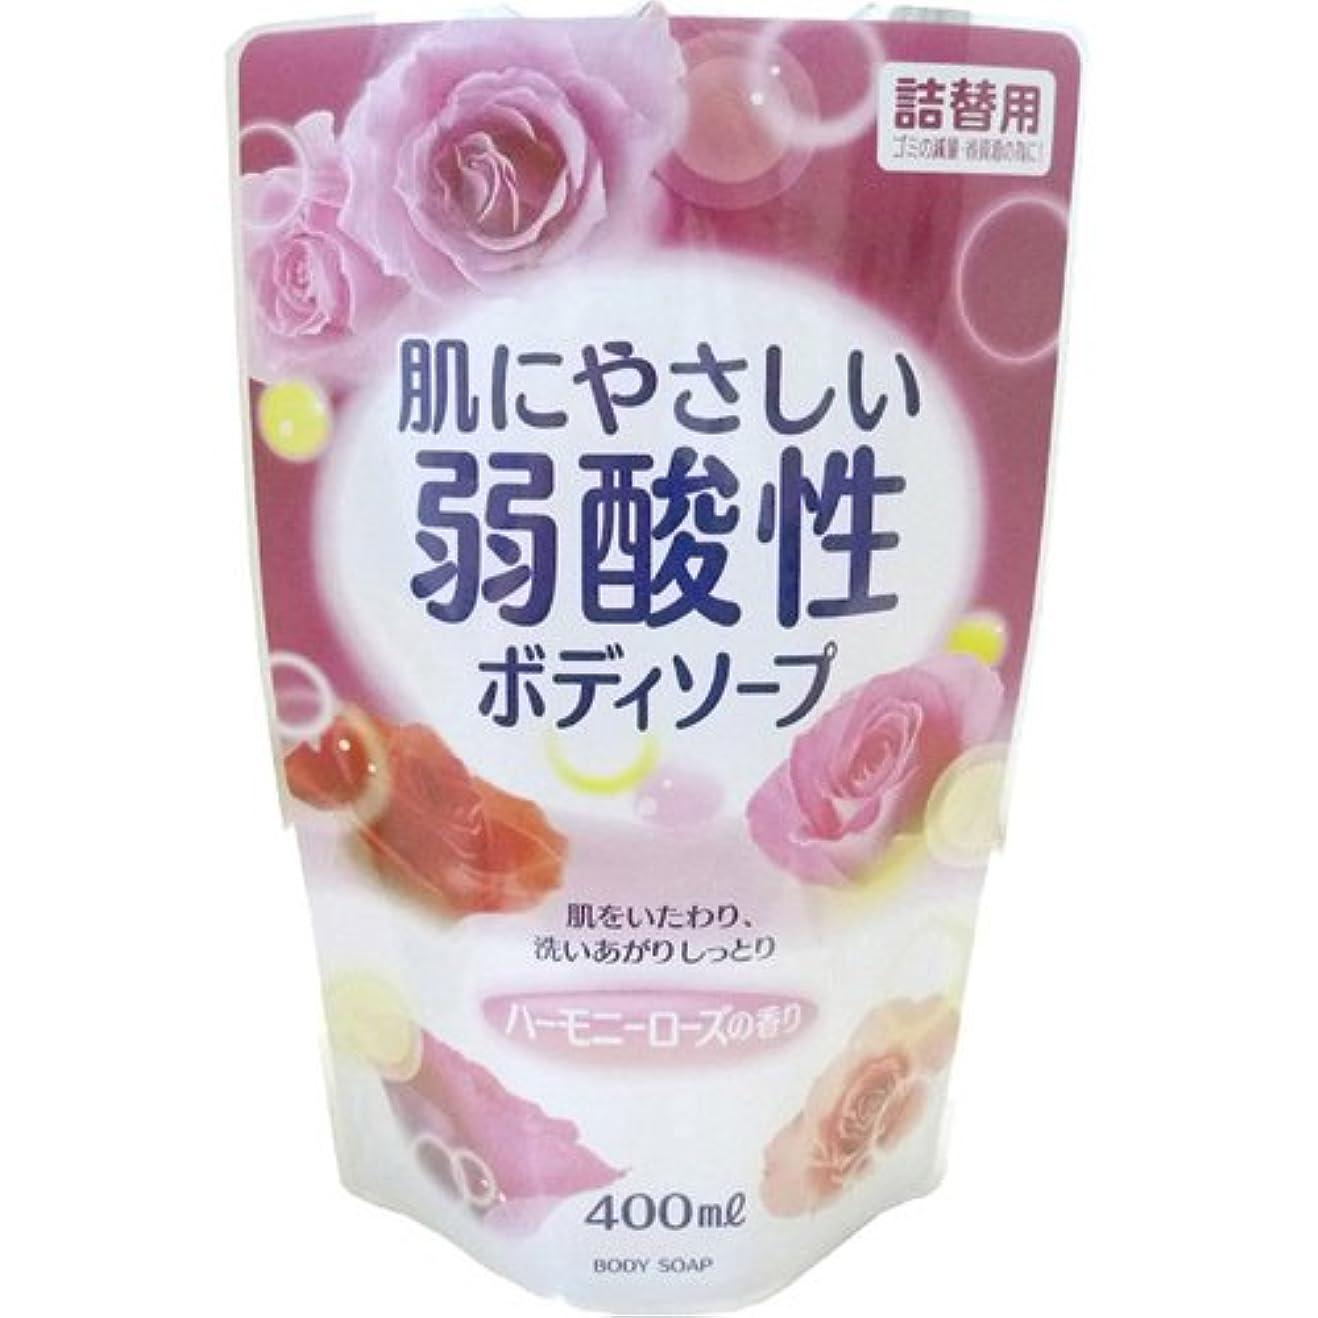 ミサイルきゅうり繕う弱酸性ボディソープ ハーモニーローズの香り 詰替用 400ml